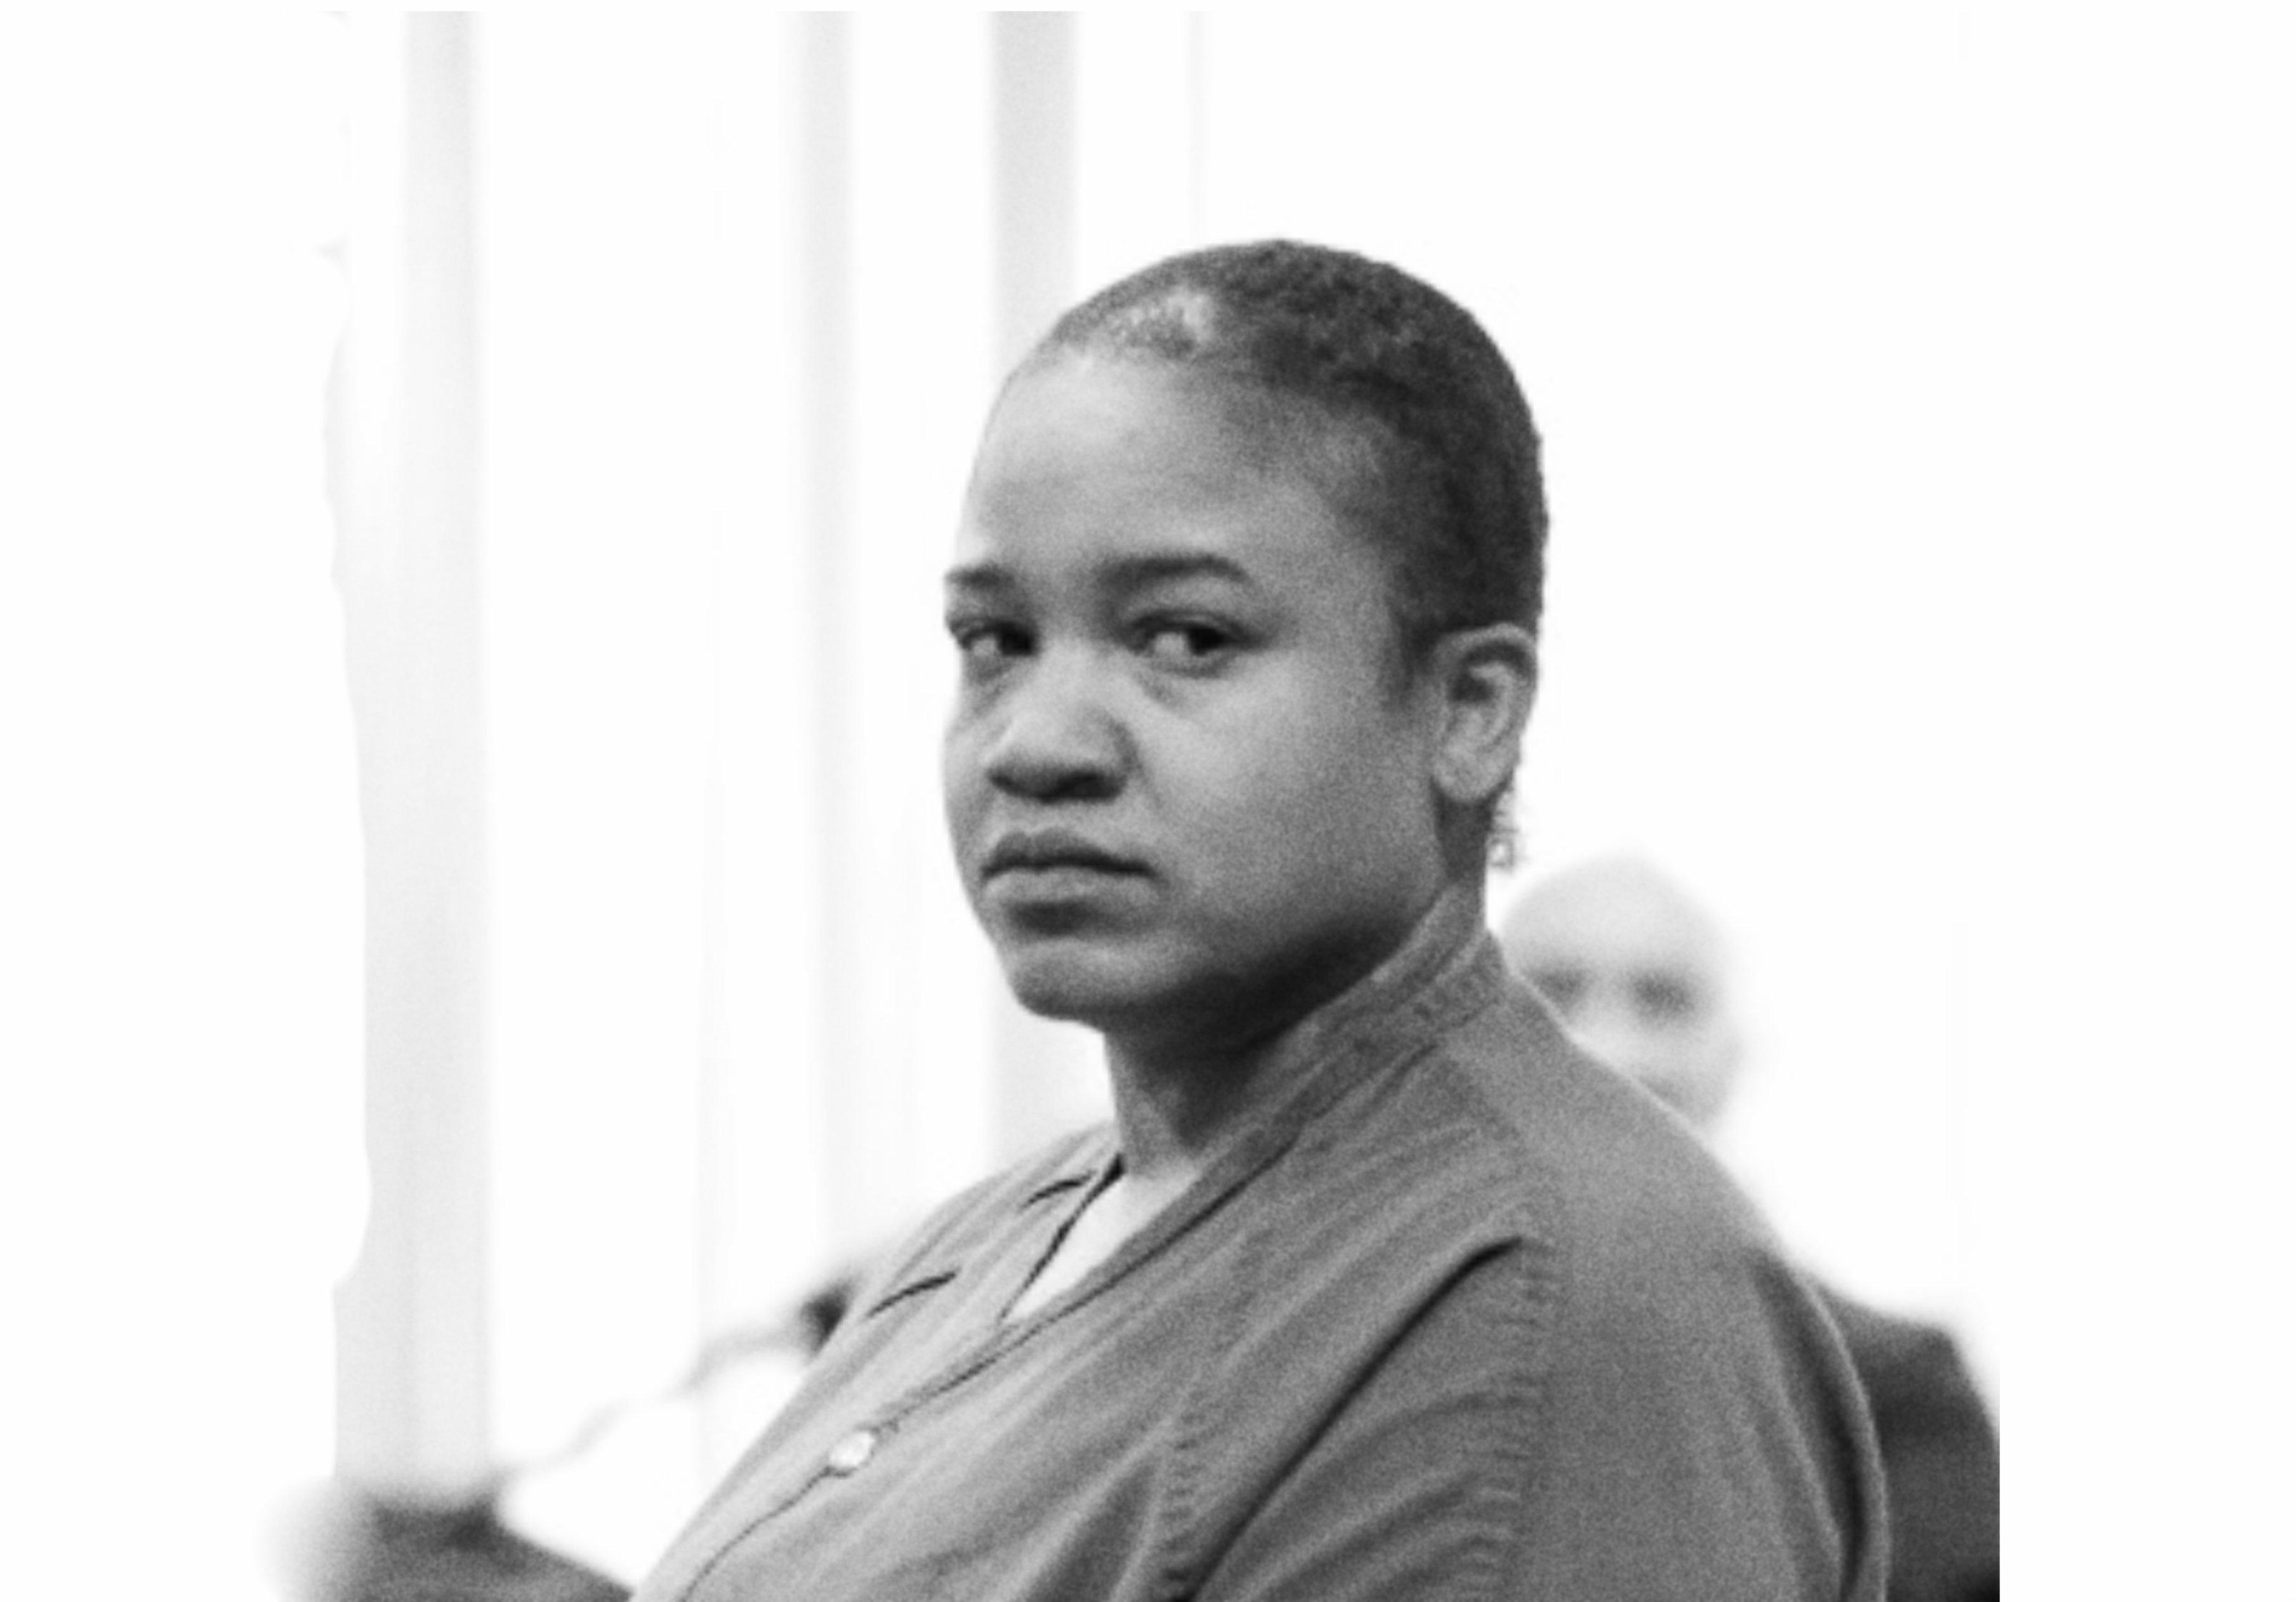 Mitchelle blair la madre senza rimorsi che sevizi e - Pignoramento ufficiale giudiziario non trova nessuno ...